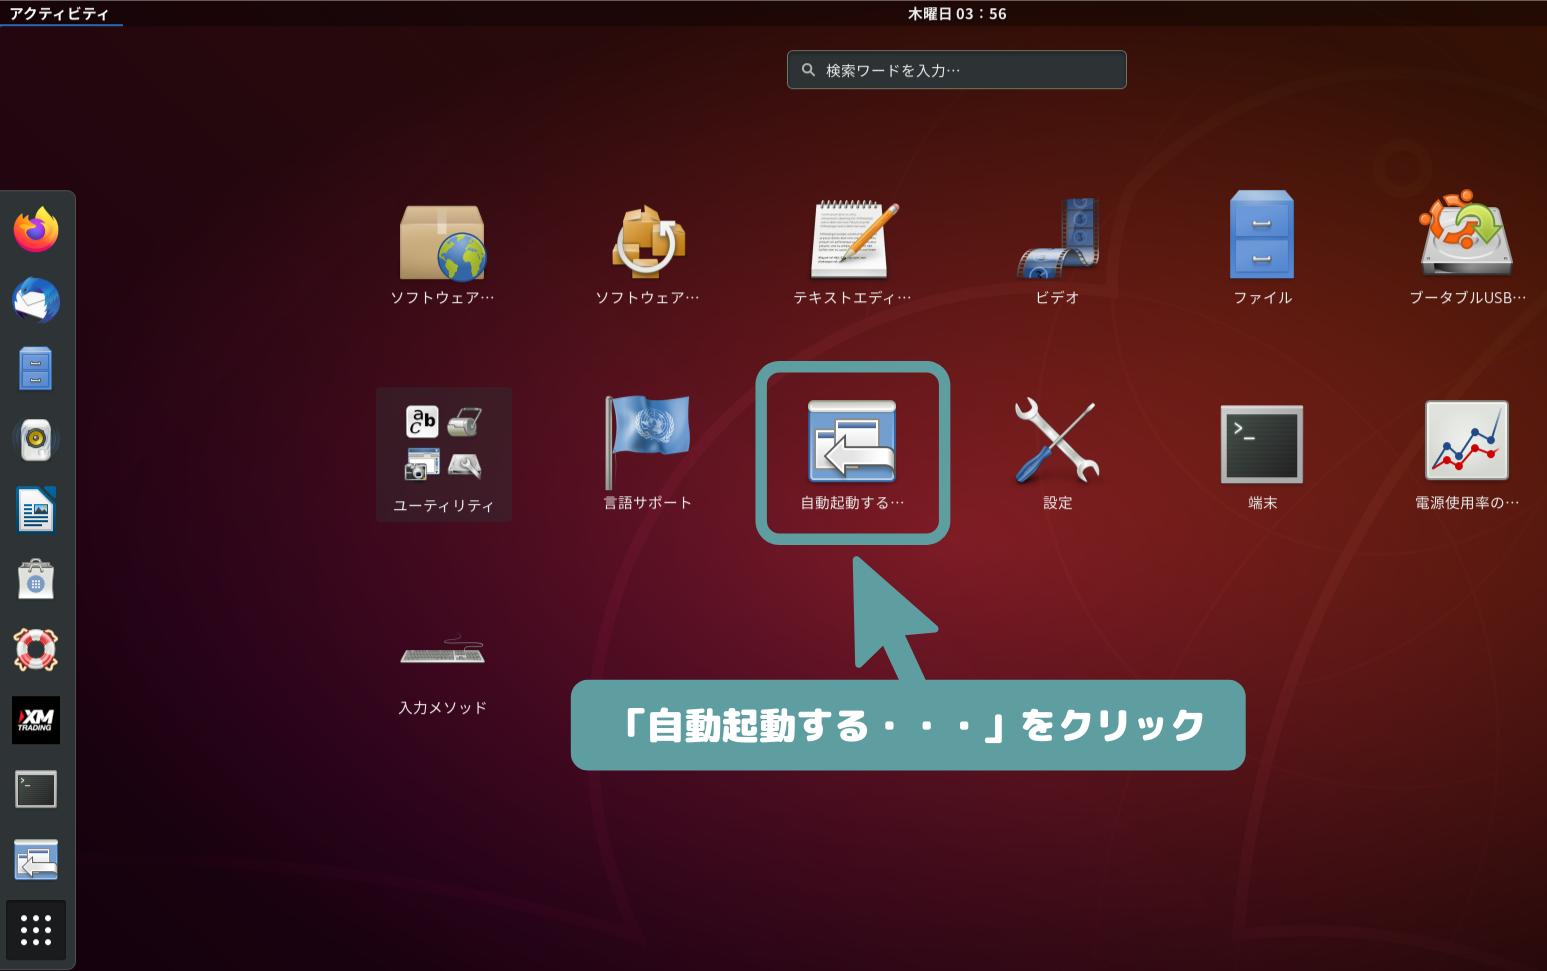 Ubuntu(GNOME)アプリ自動起動設定-自動起動する・・・